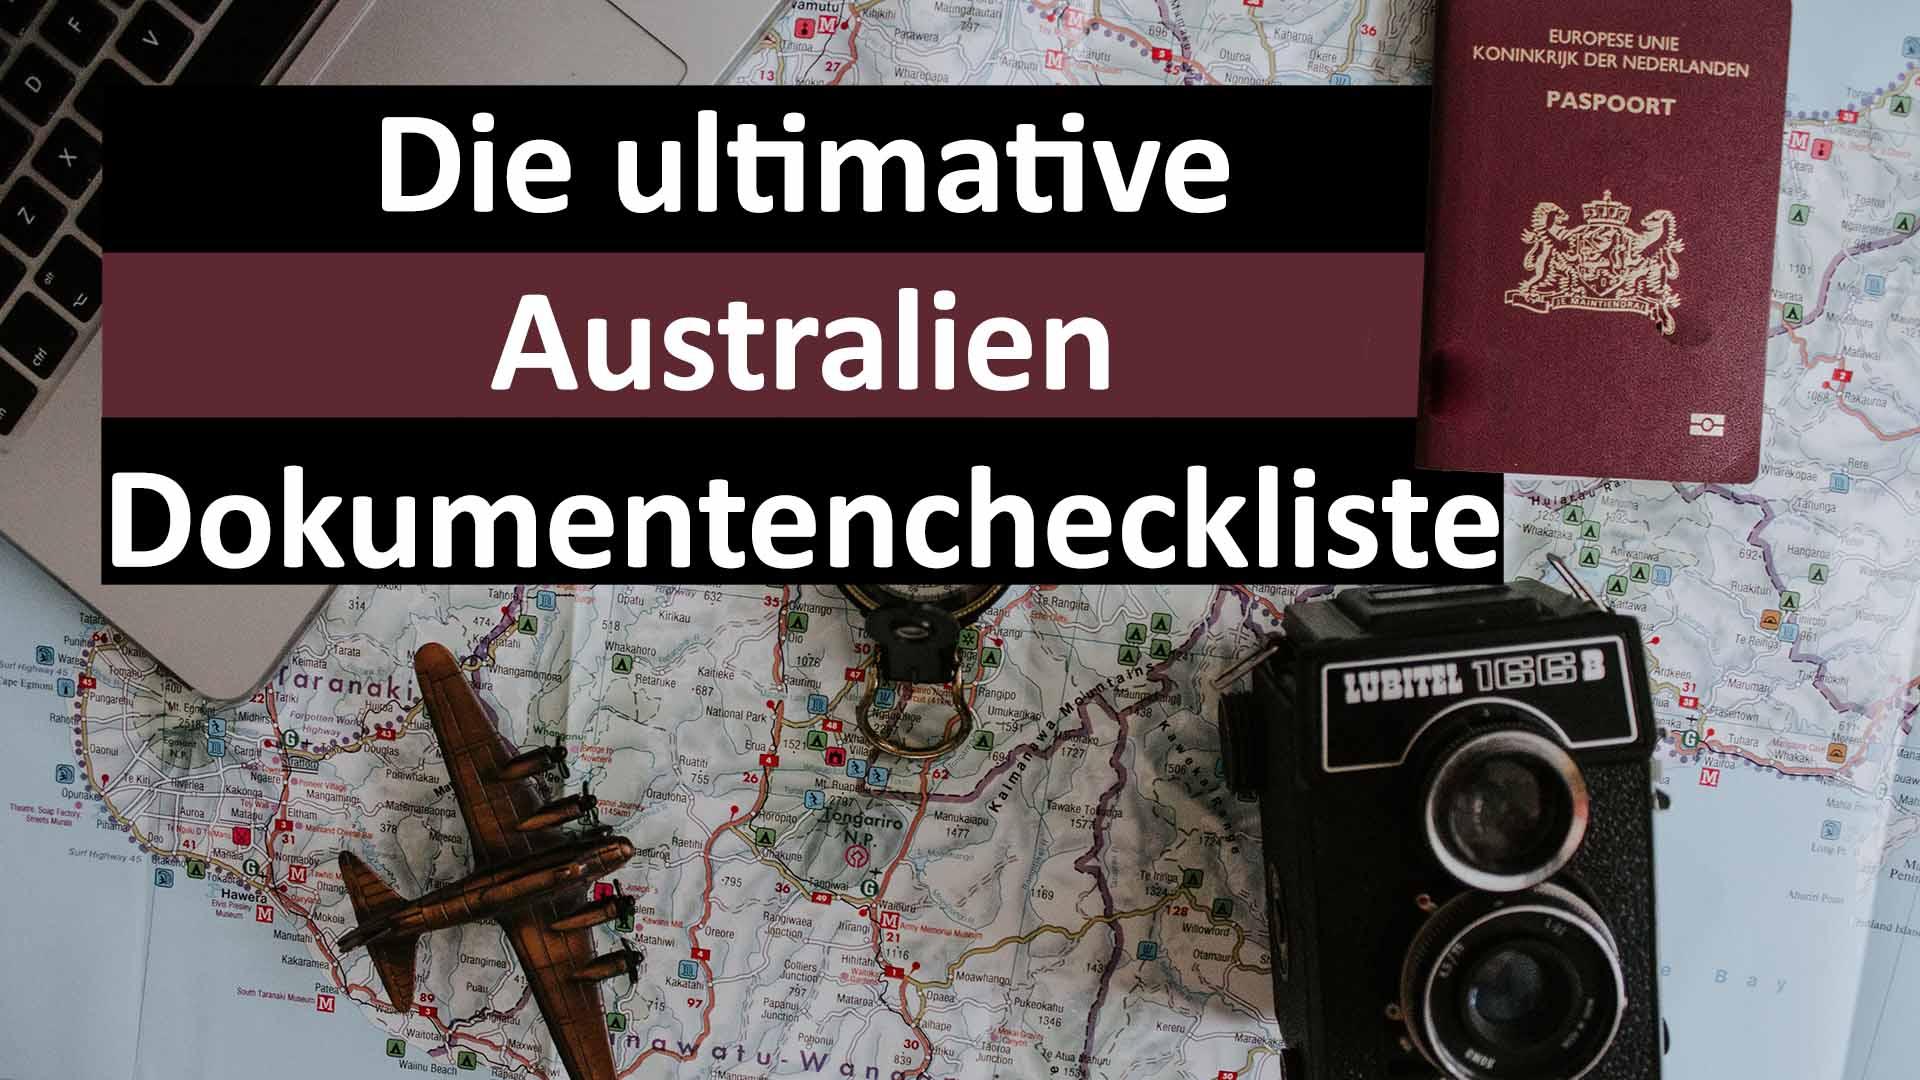 Die ultimative Australien Dokumentencheckliste